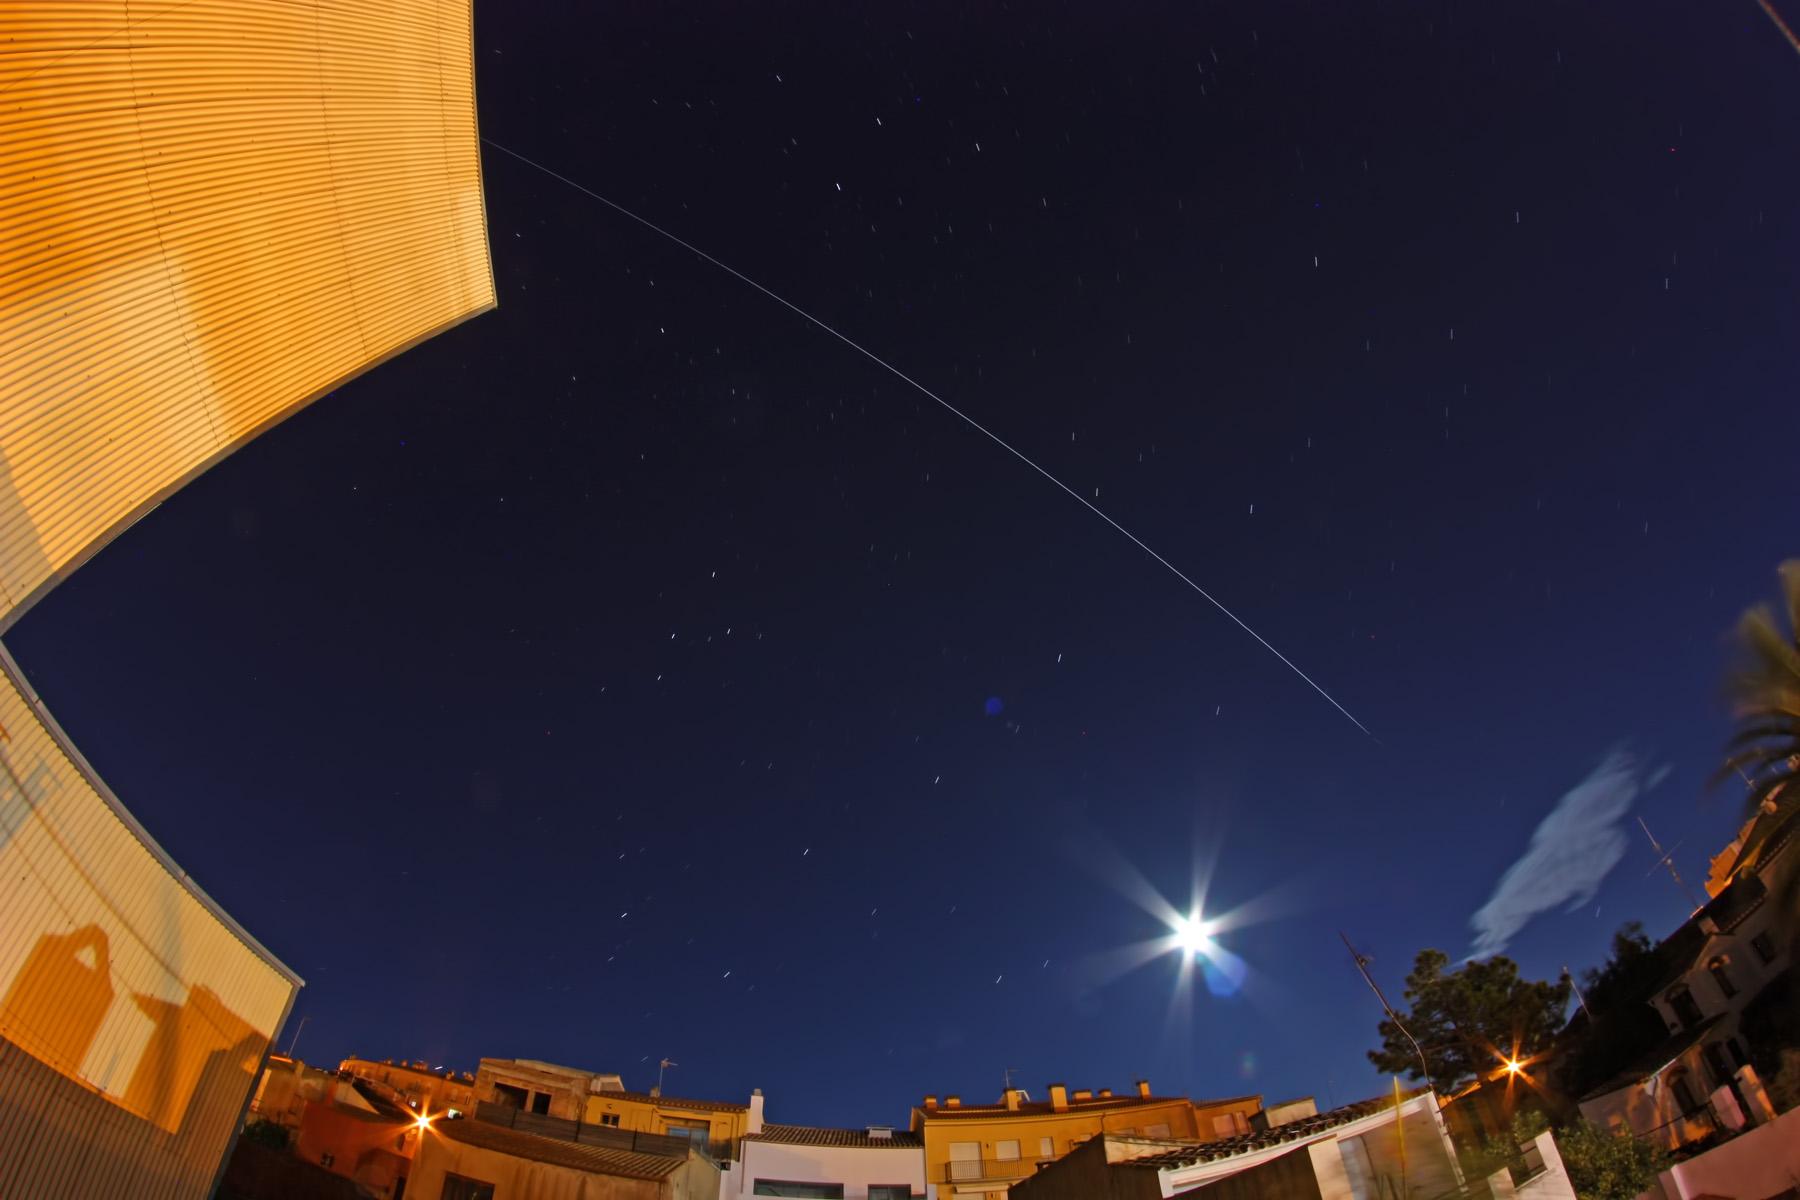 ISS a magnitud -3.4